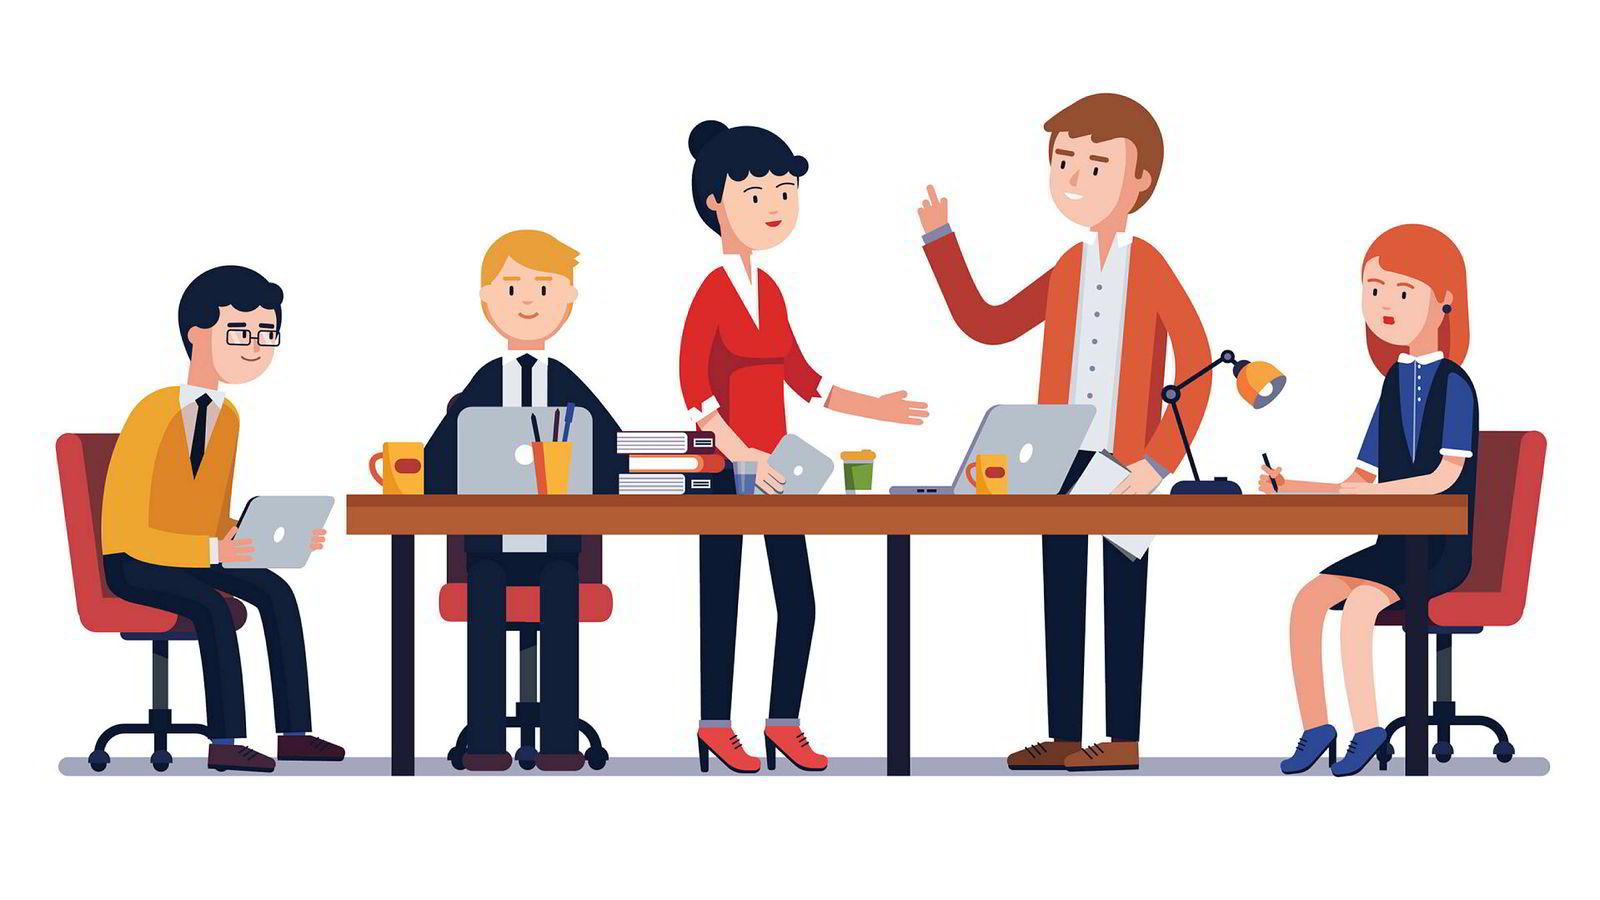 En rekke studier underbygger at tillitsbasert ledelse gir bedre resultater, både på medarbeidernivå og organisasjonsnivå, sammenlignet med kontrollerende former for ledelse, skriver artikkelforfatteren.